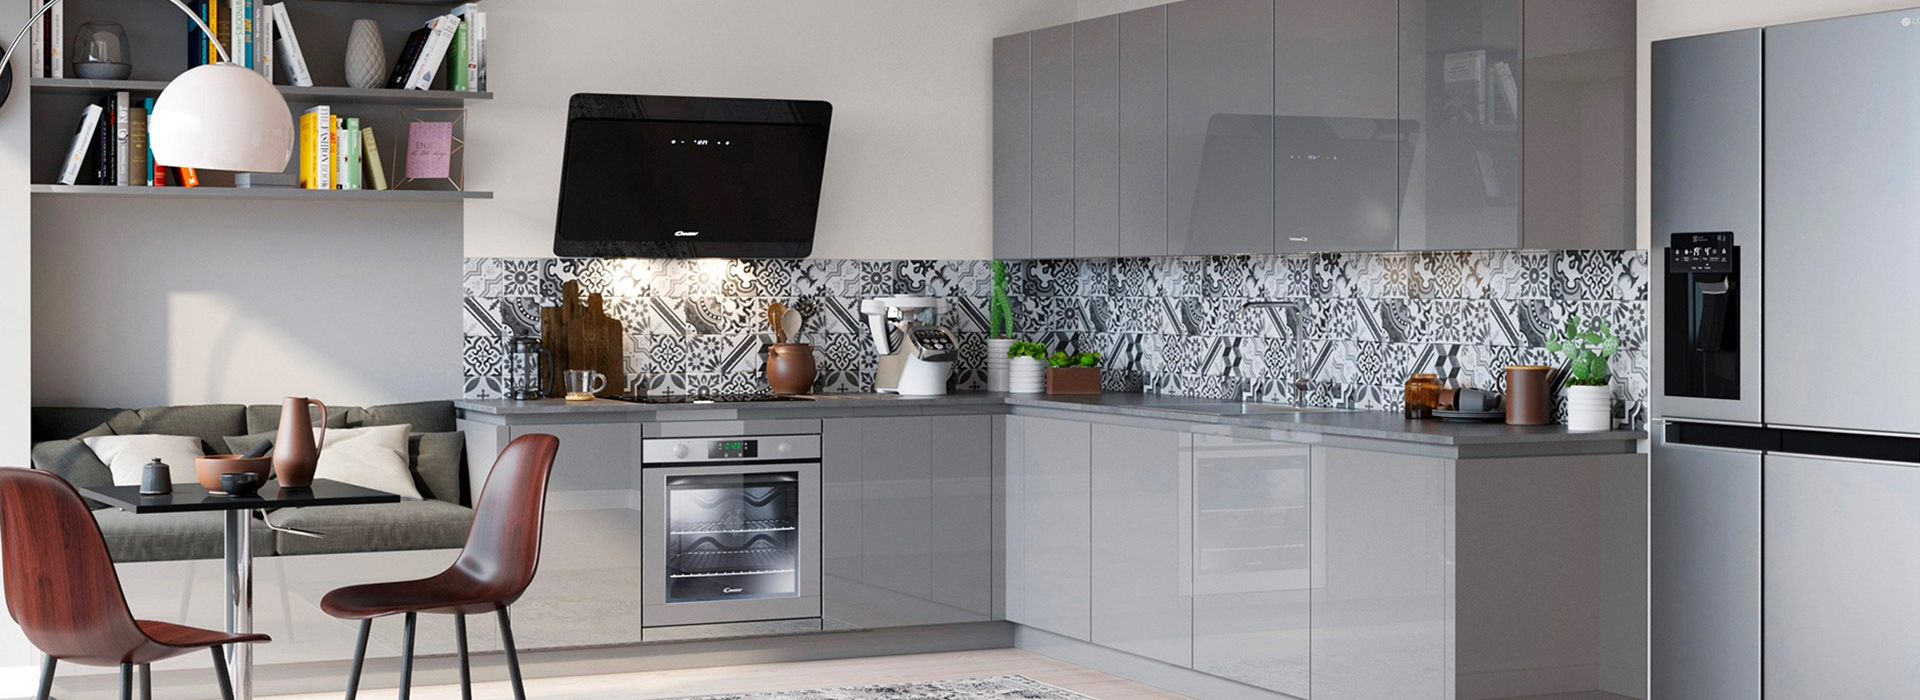 Crédence Effet Carreau De Ciment choisir une crédence dans la cuisine pour apporter du style